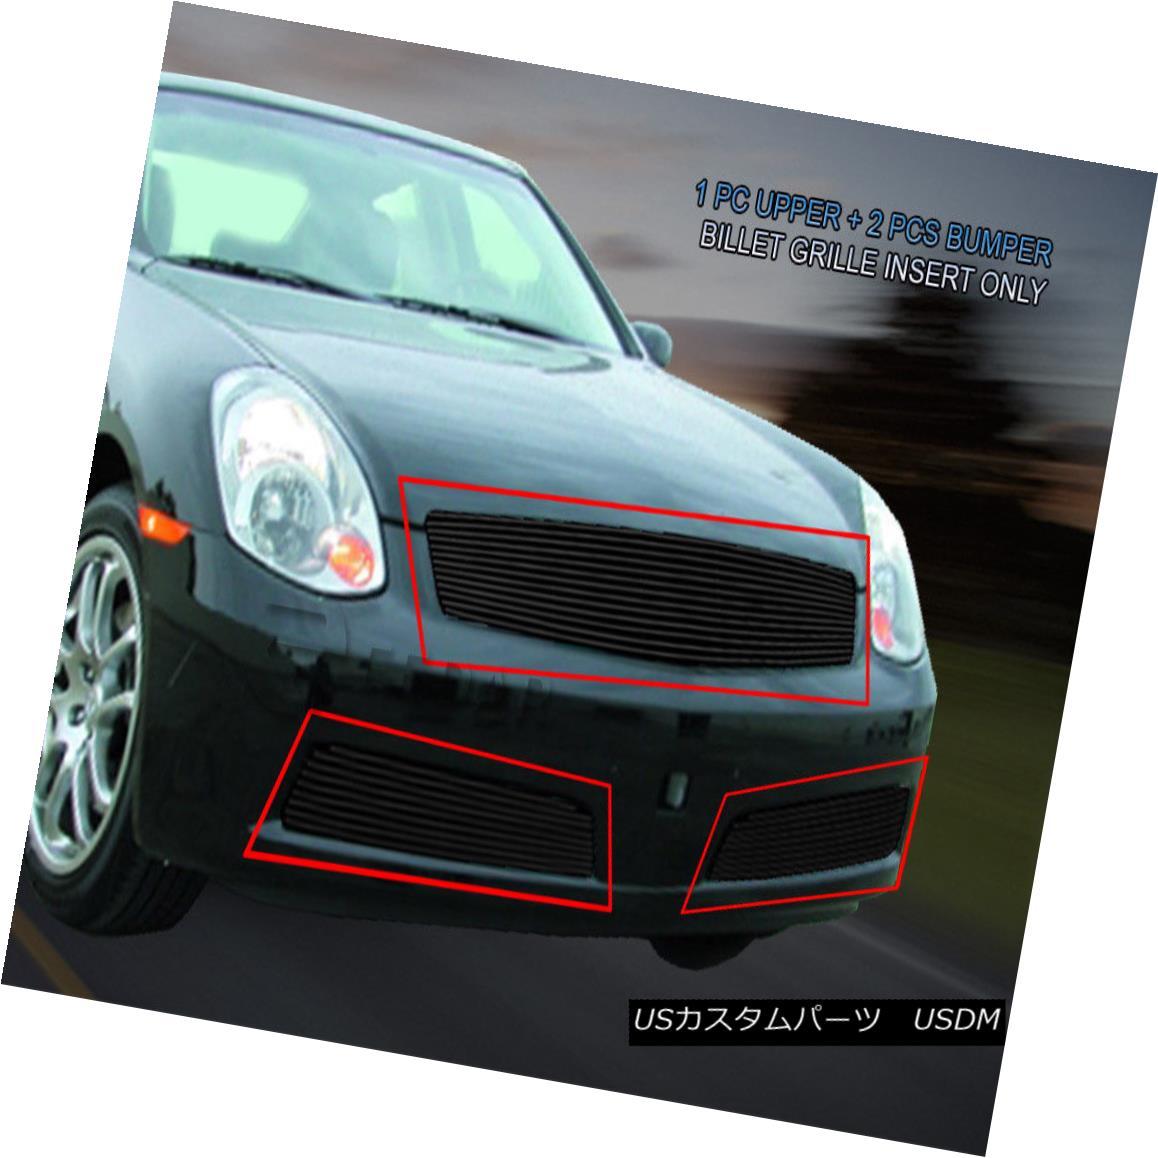 グリル Fits 05-06 Infiniti G35 4 Door Sedan Black Billet Grille Combo Insert Fedar フィット05-06インフィニティG35 4ドアセダンブラックビレットグリルコンボインサートFedar